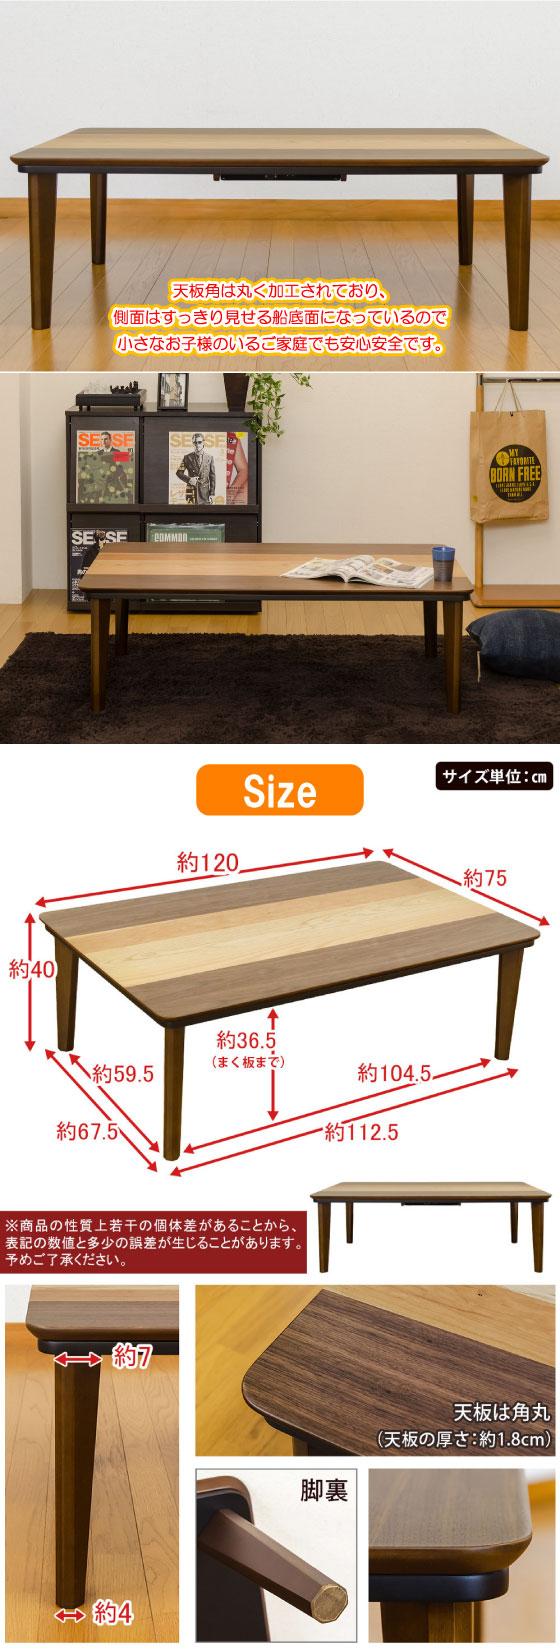 北欧モダンデザイン・天然木製幅120cmこたつテーブル